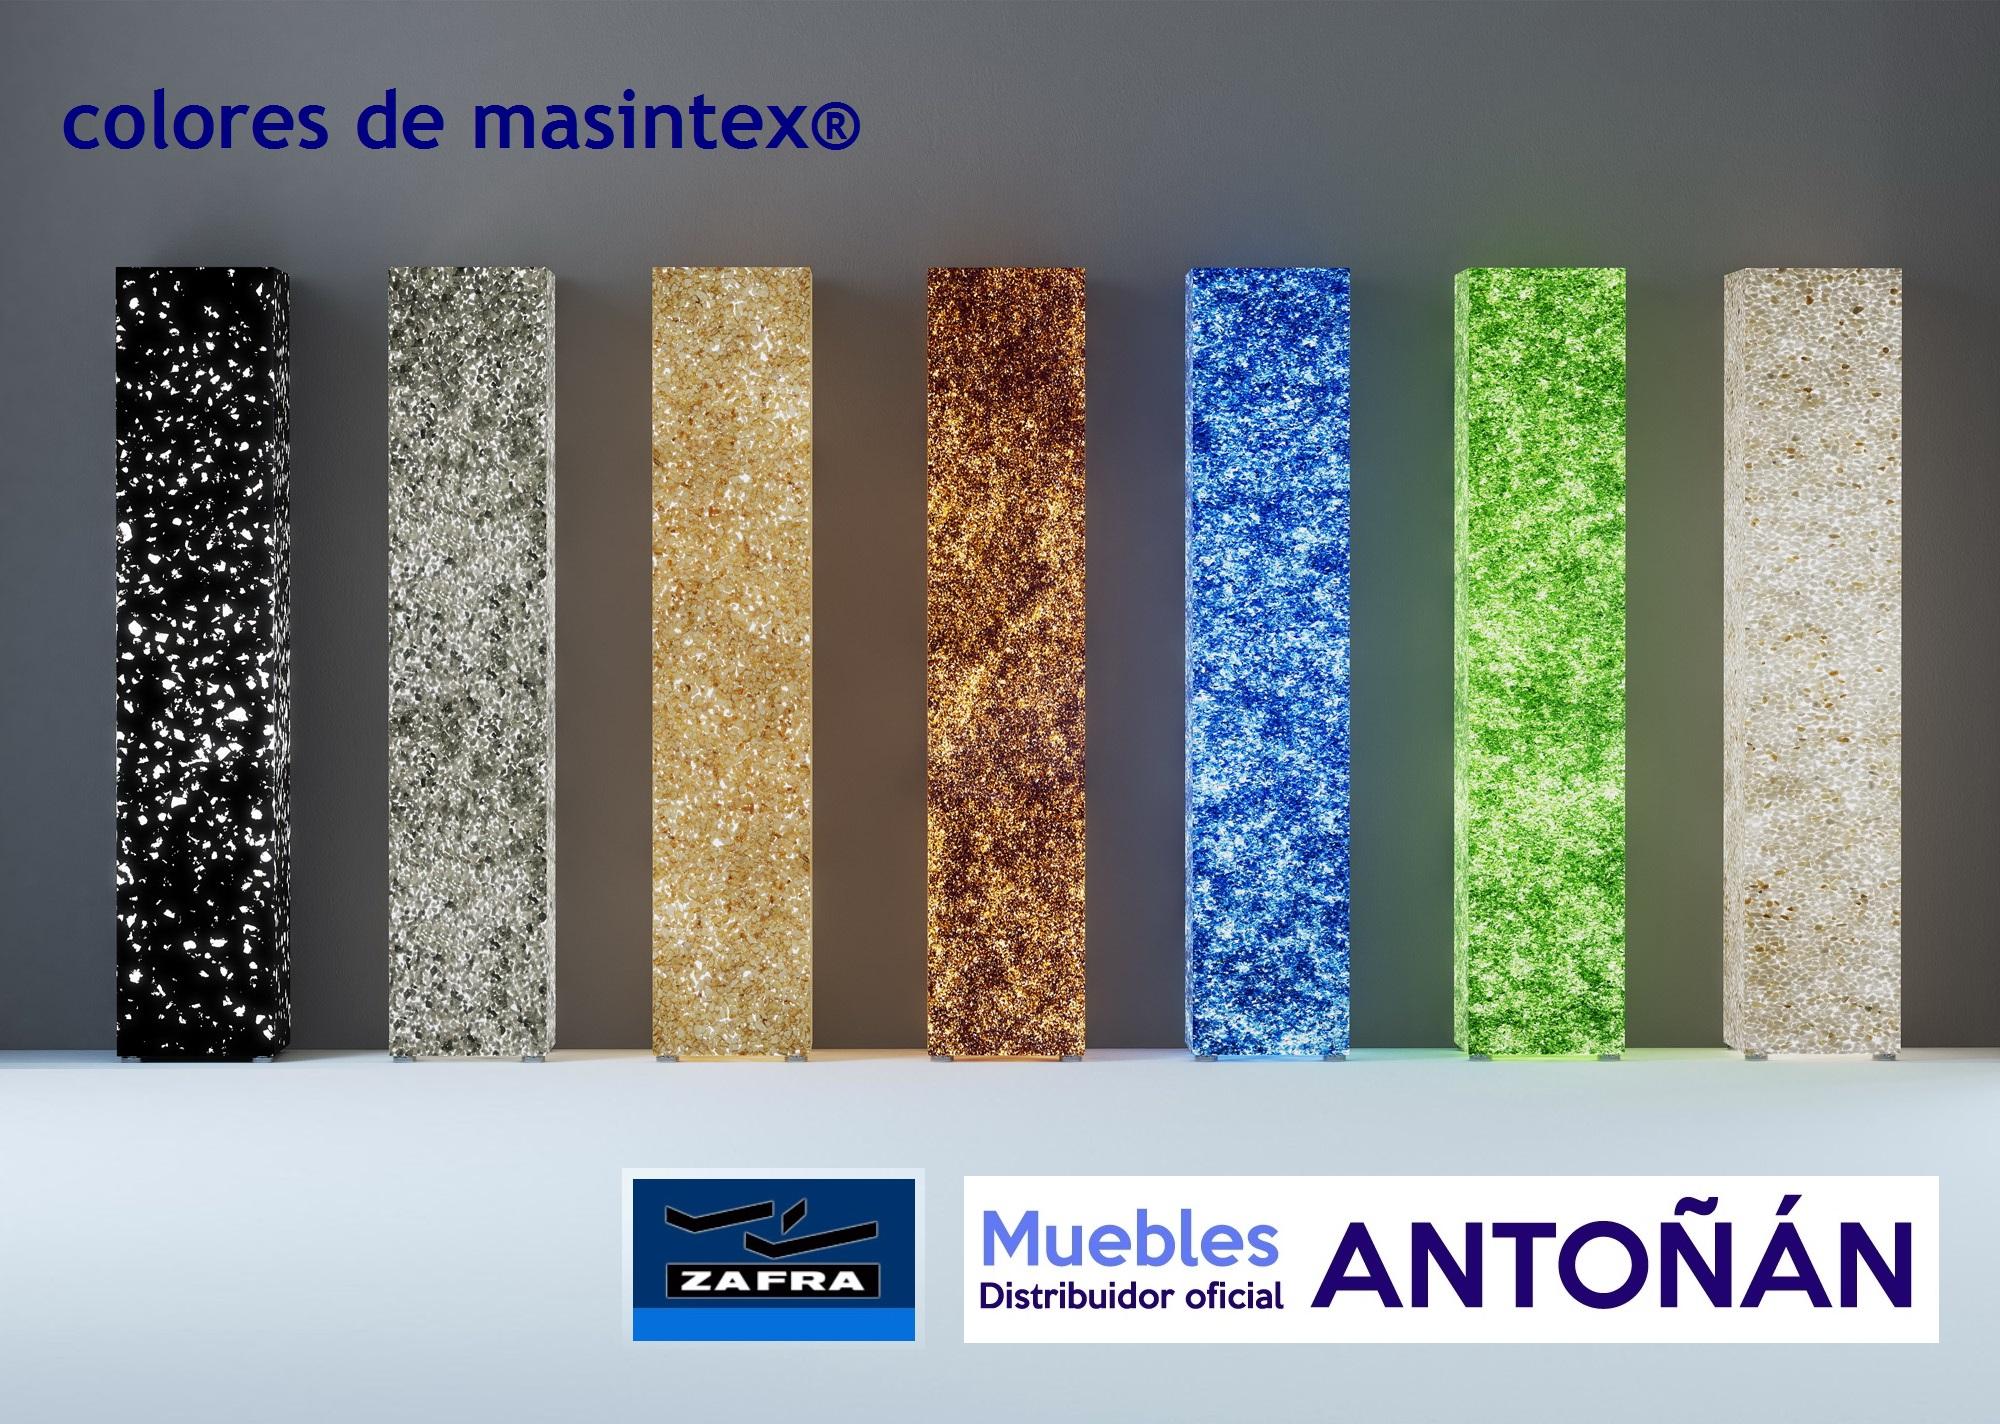 ZAFRA recibidores modernos dedalo_COLORES masintex 3 en muebles antoñán® León